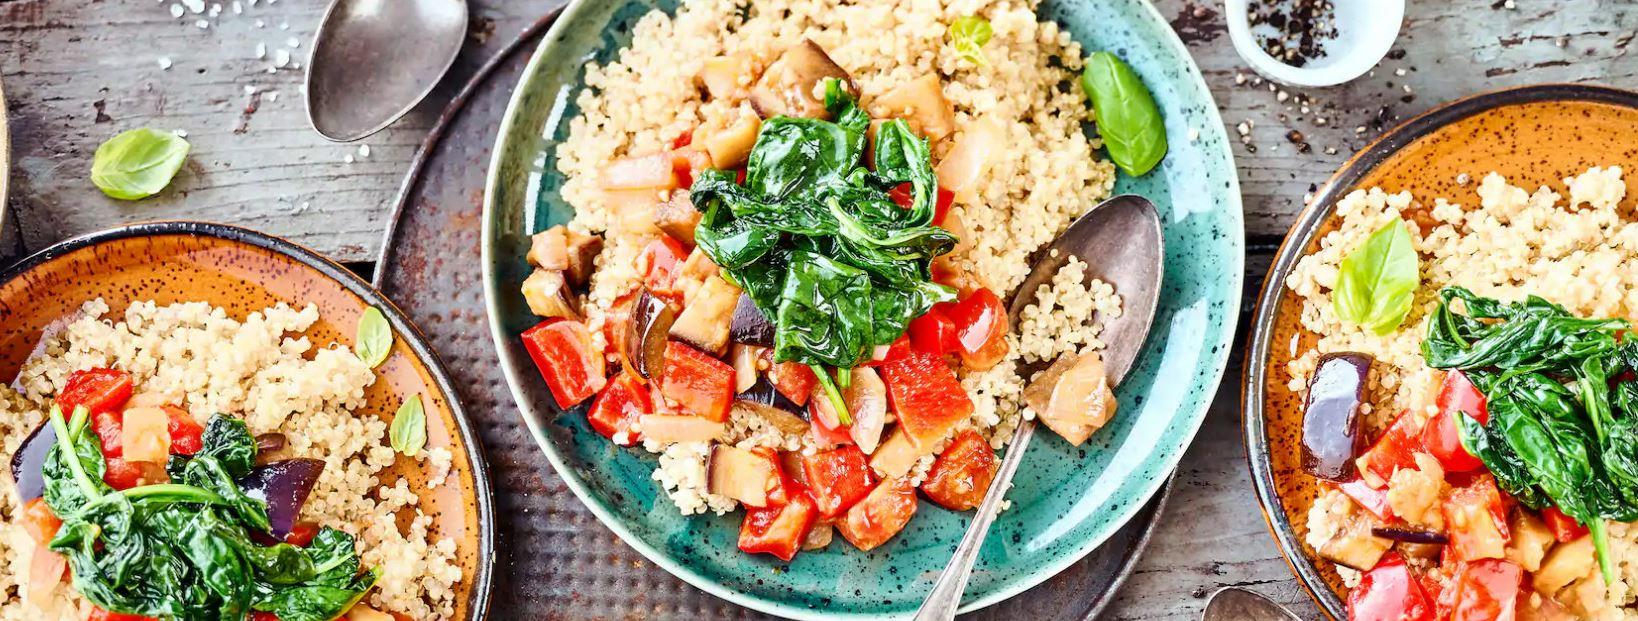 Quinoa-Ratatouille -Rezept